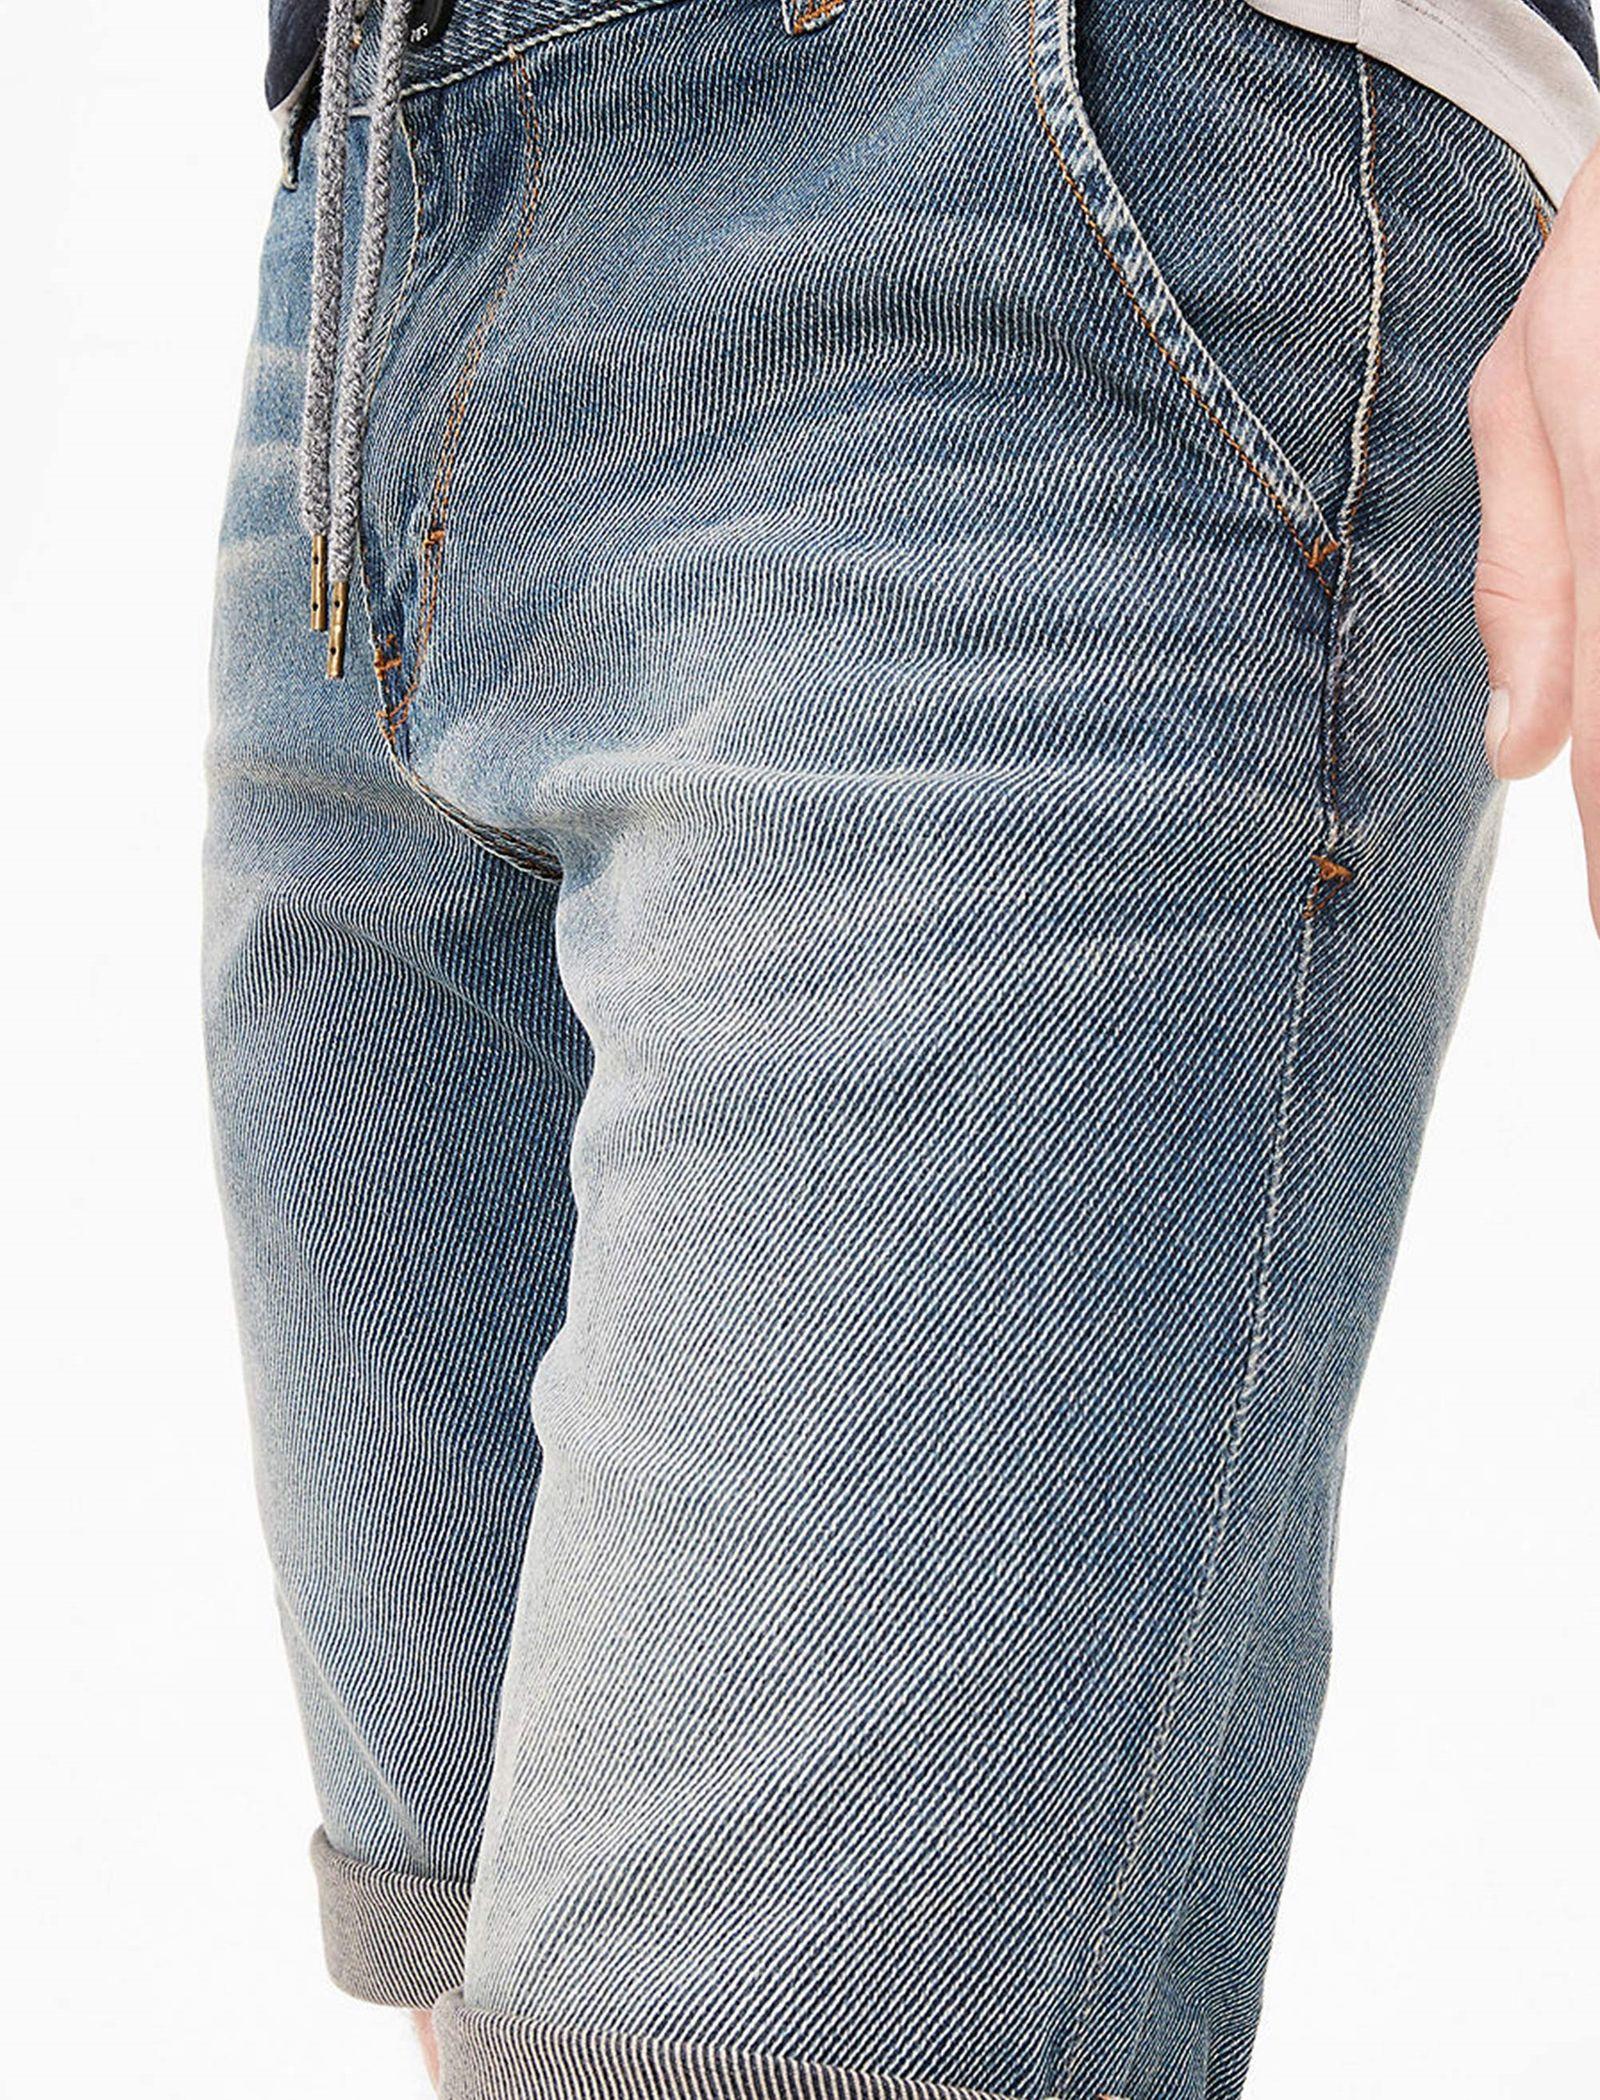 شلوارک جین مردانه - اس.اولیور - آبي  - 4